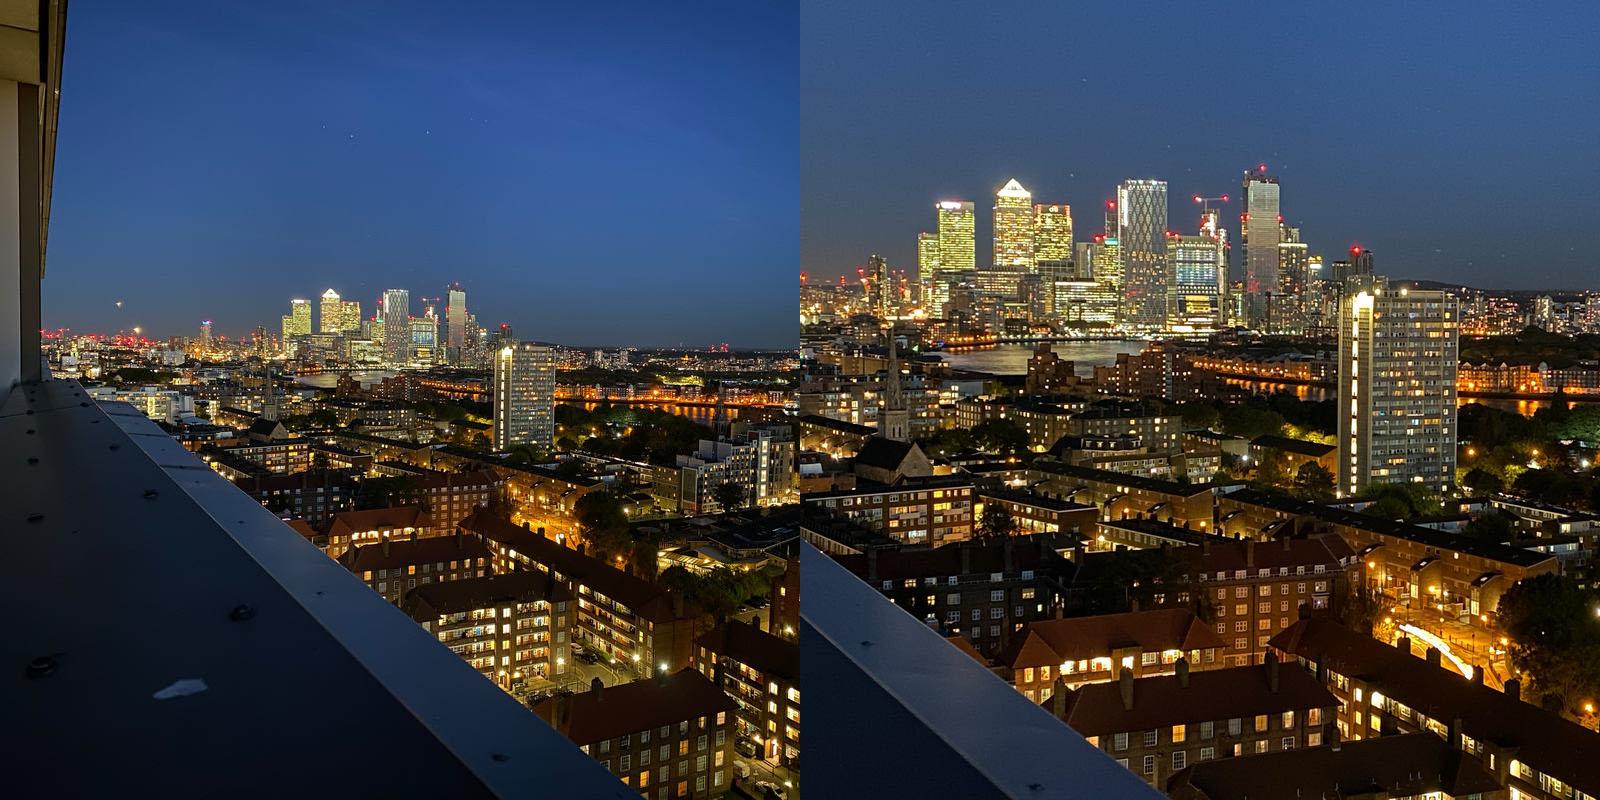 1x vs 2x lens – actually both use the 1x lens